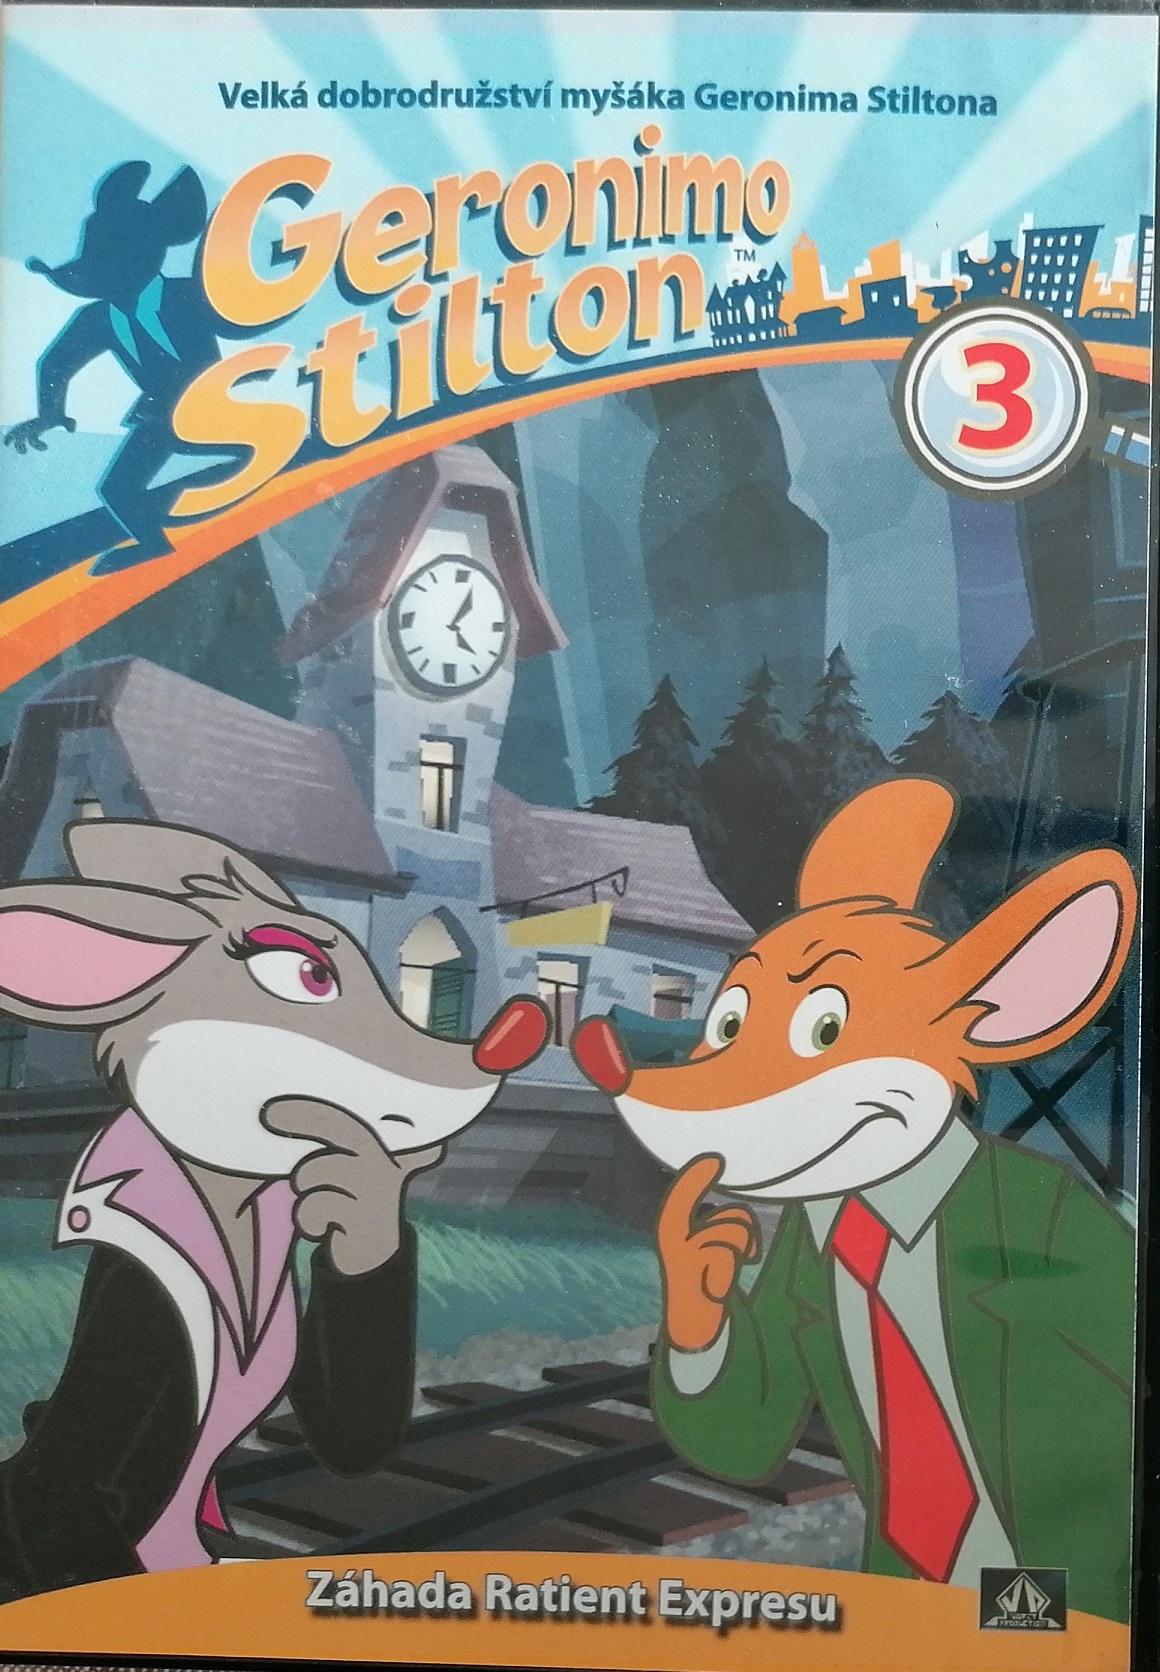 Myšák Geronimo Stilton 3 - DVD plast